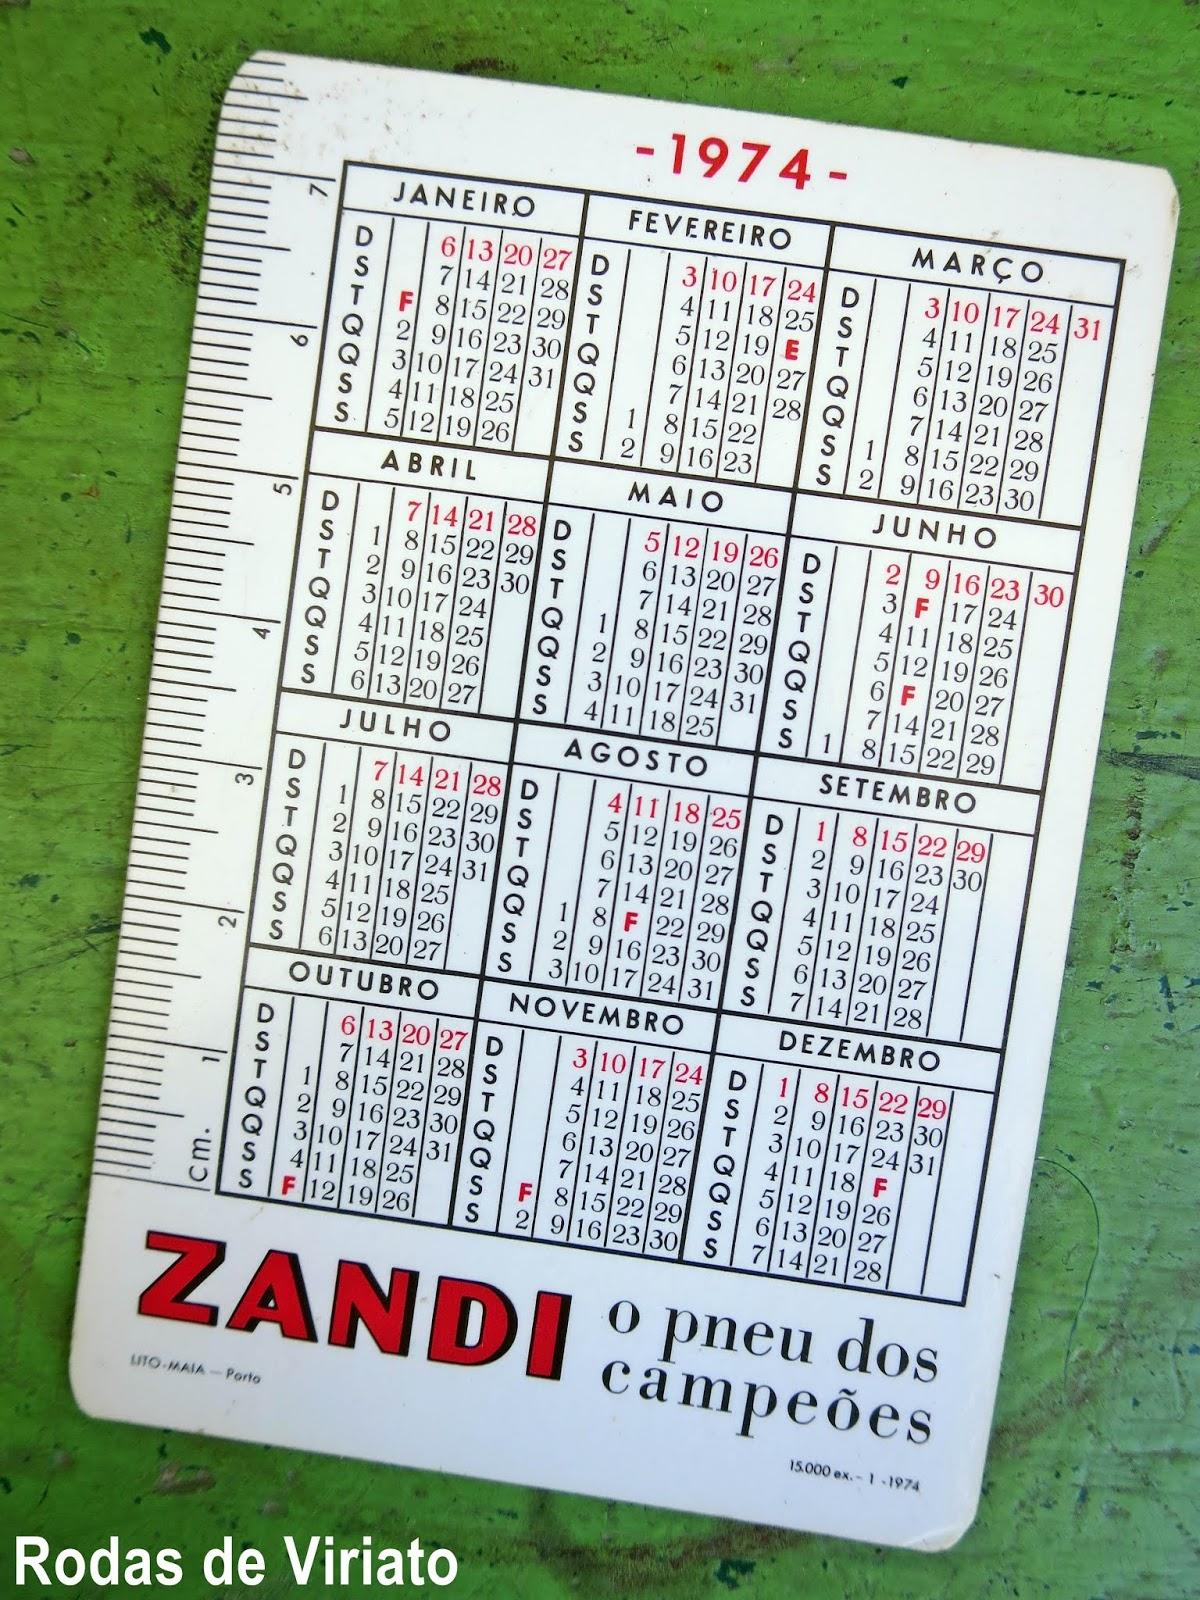 Calendario 1974.Calendario Antigo Zandi De 1974